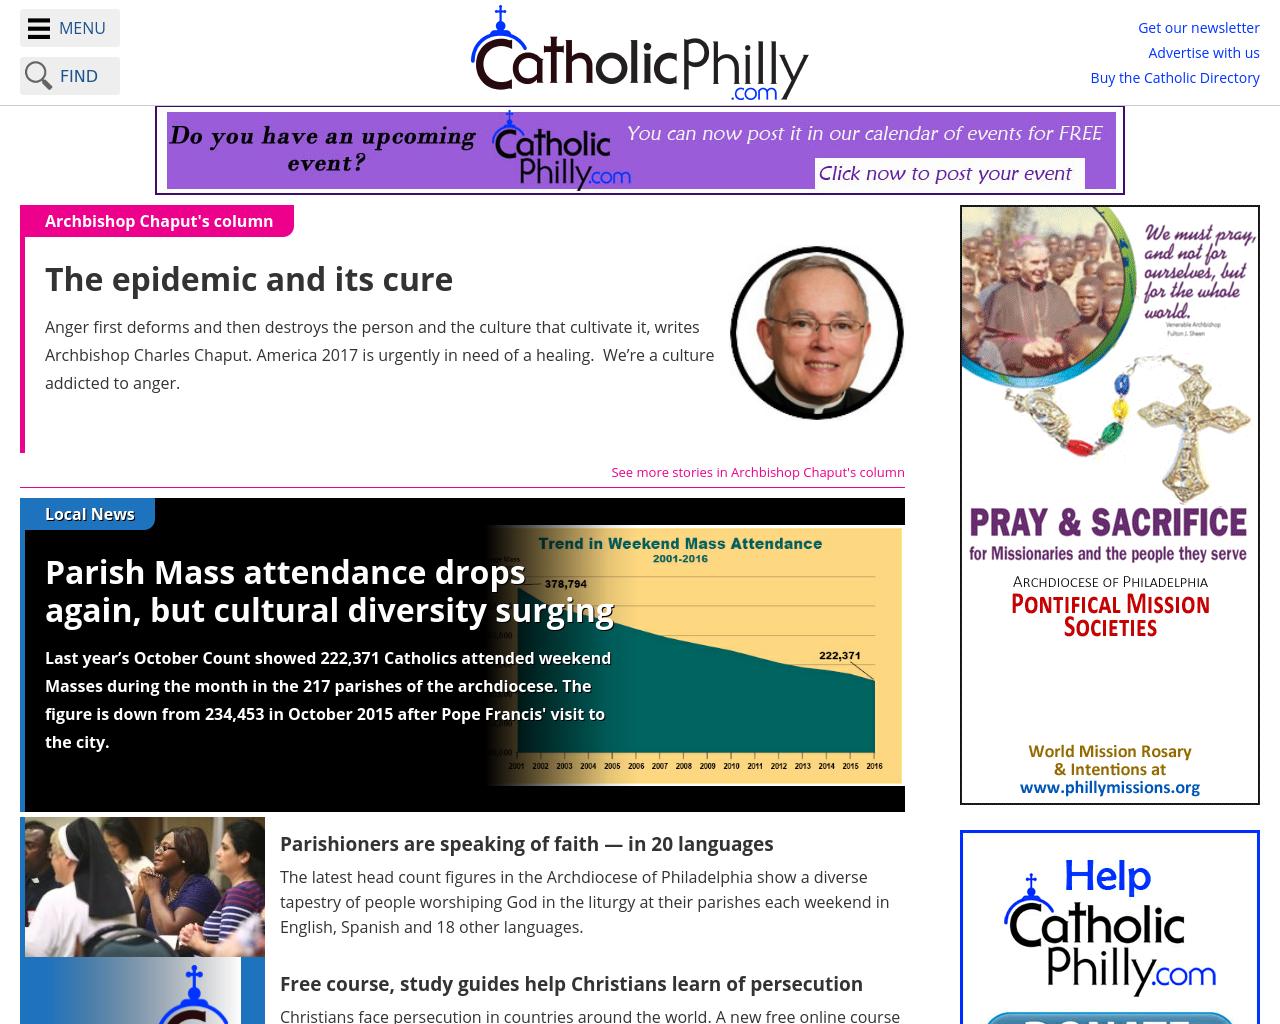 CatholicPhilly.com-Advertising-Reviews-Pricing